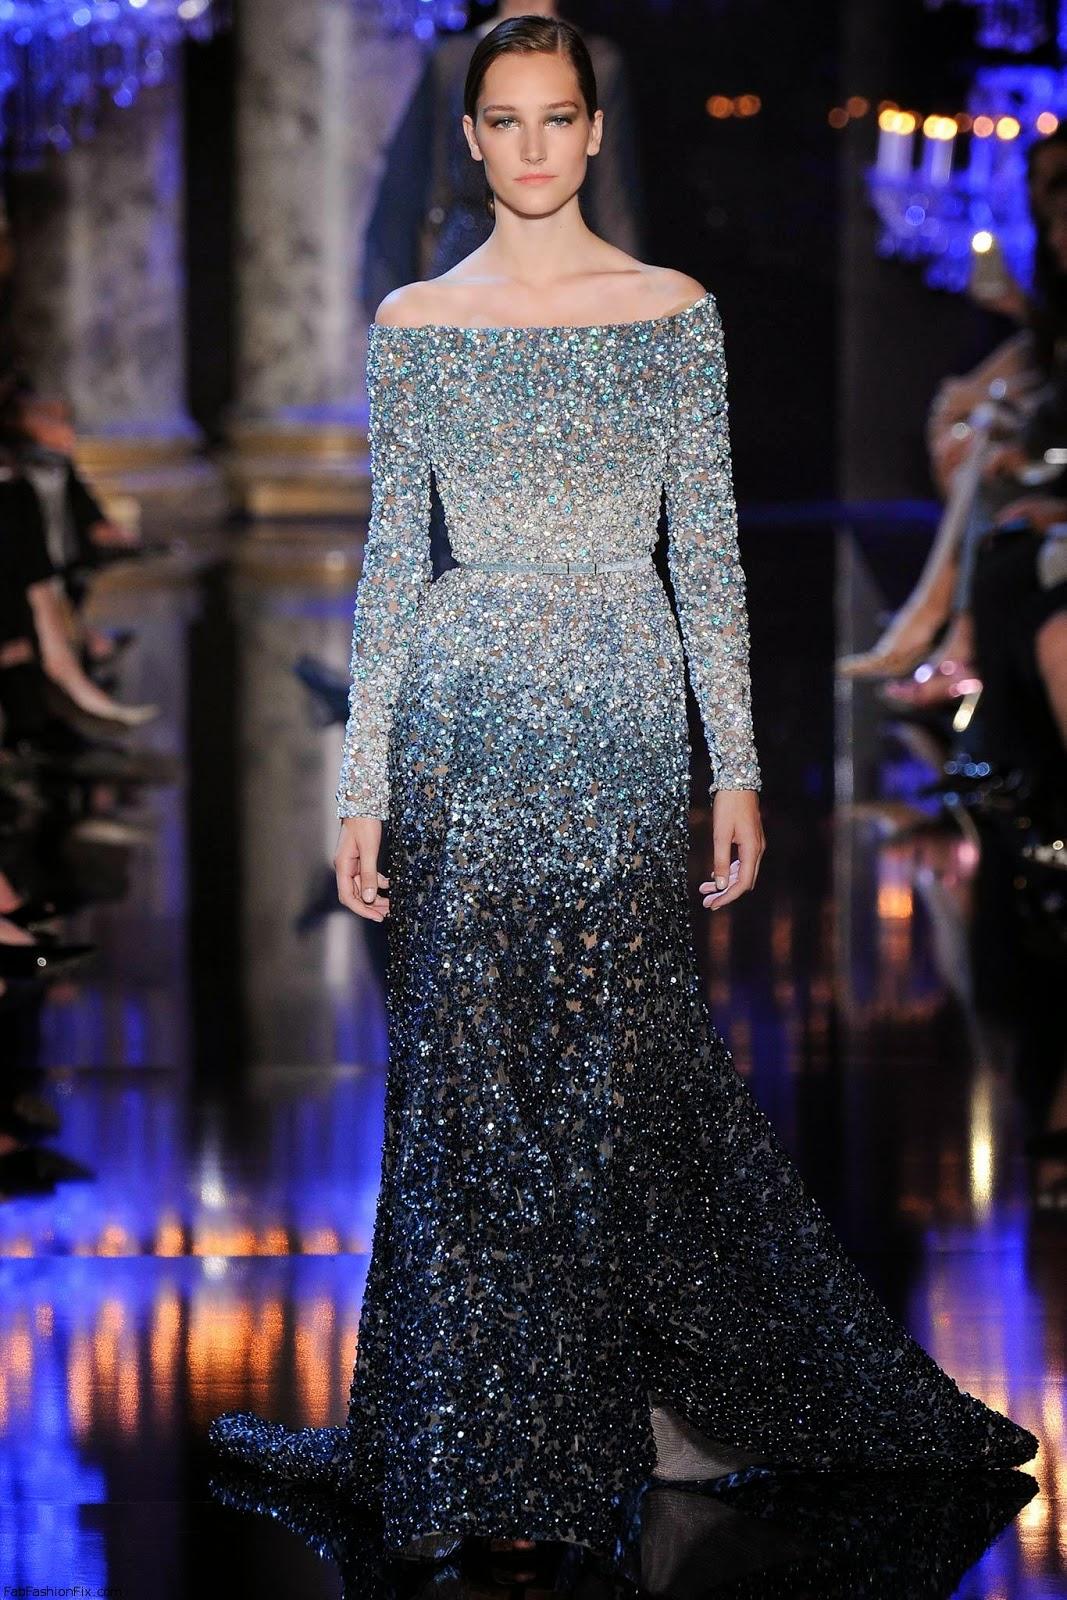 Robe soiree haute couture paris